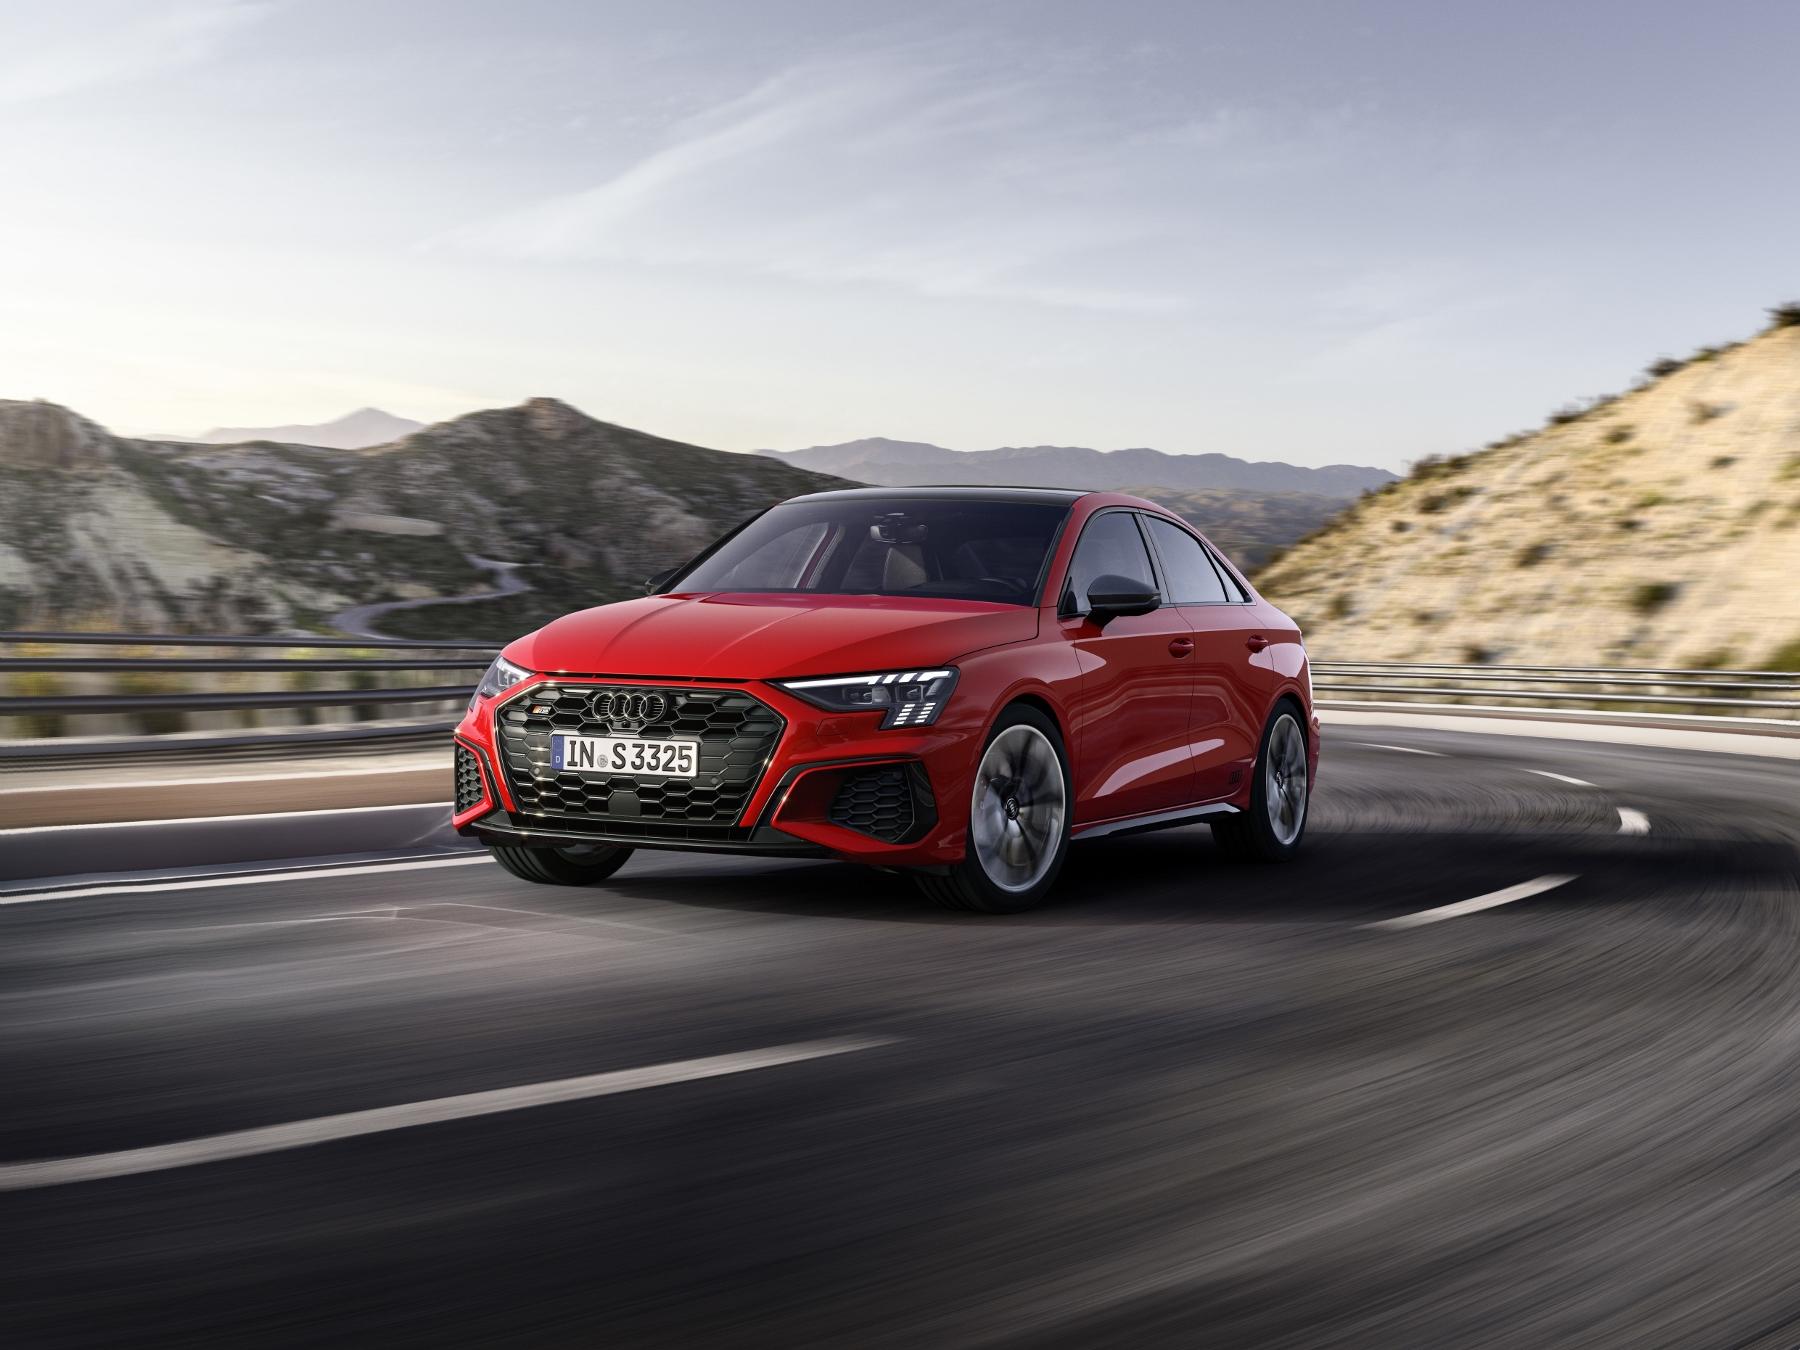 Audi ukázalo modely S3 Sedan a Sportback. Prezradilo aj nemeckú cenu zykJpaYXVT a204377large-1800x13